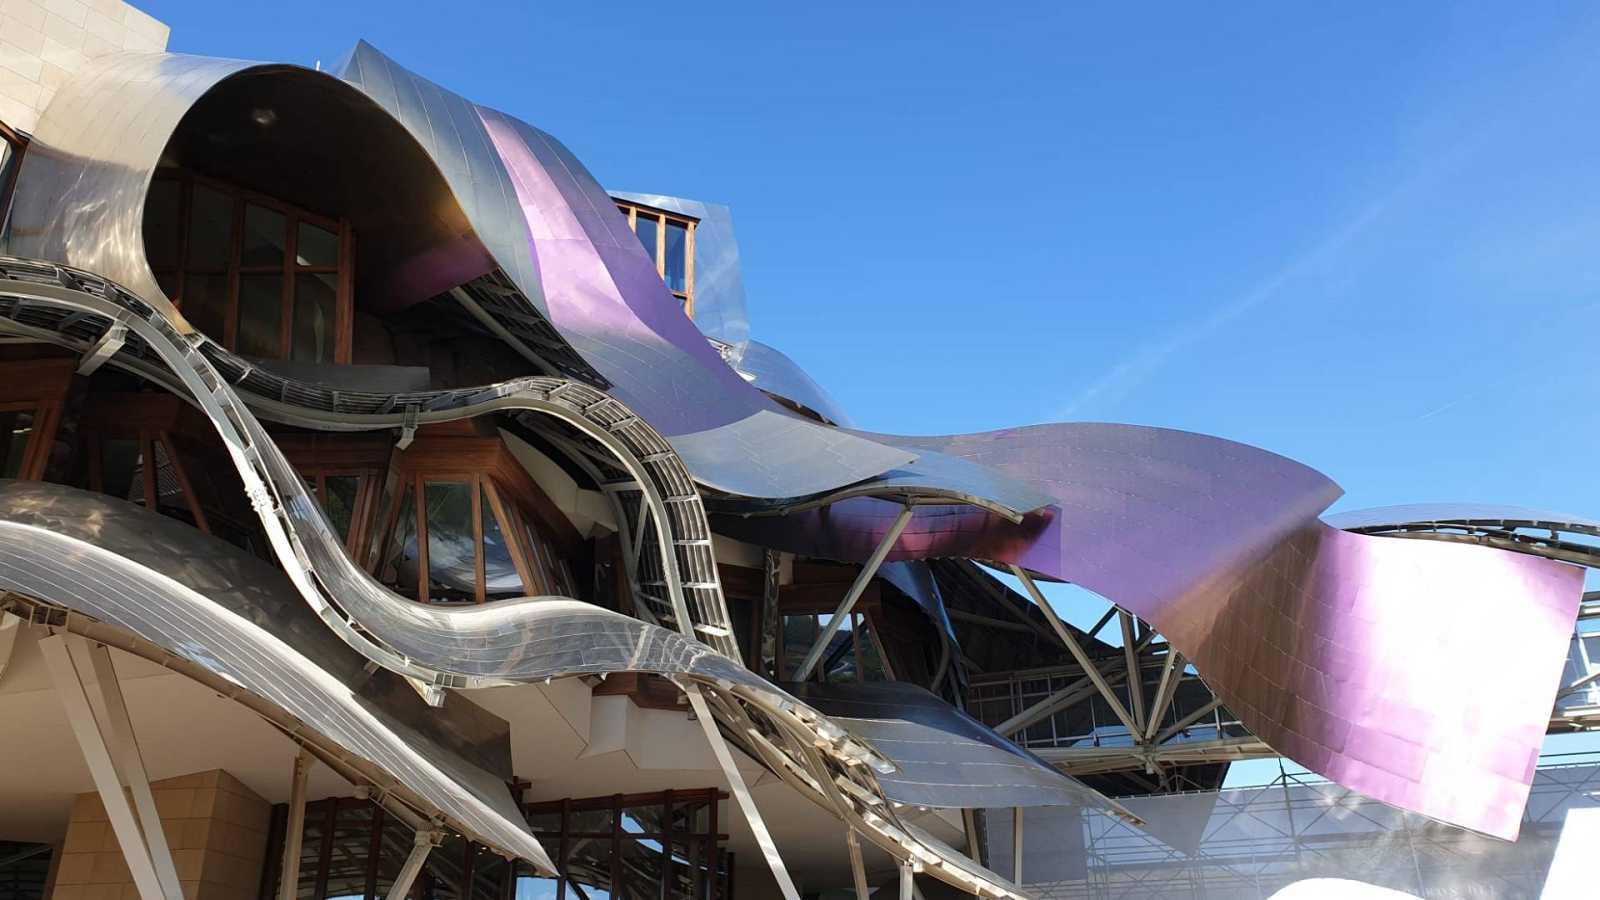 Sin atajos - La Rioja, no solo es tierra de vinos - 23/08/20 - escuchar ahora